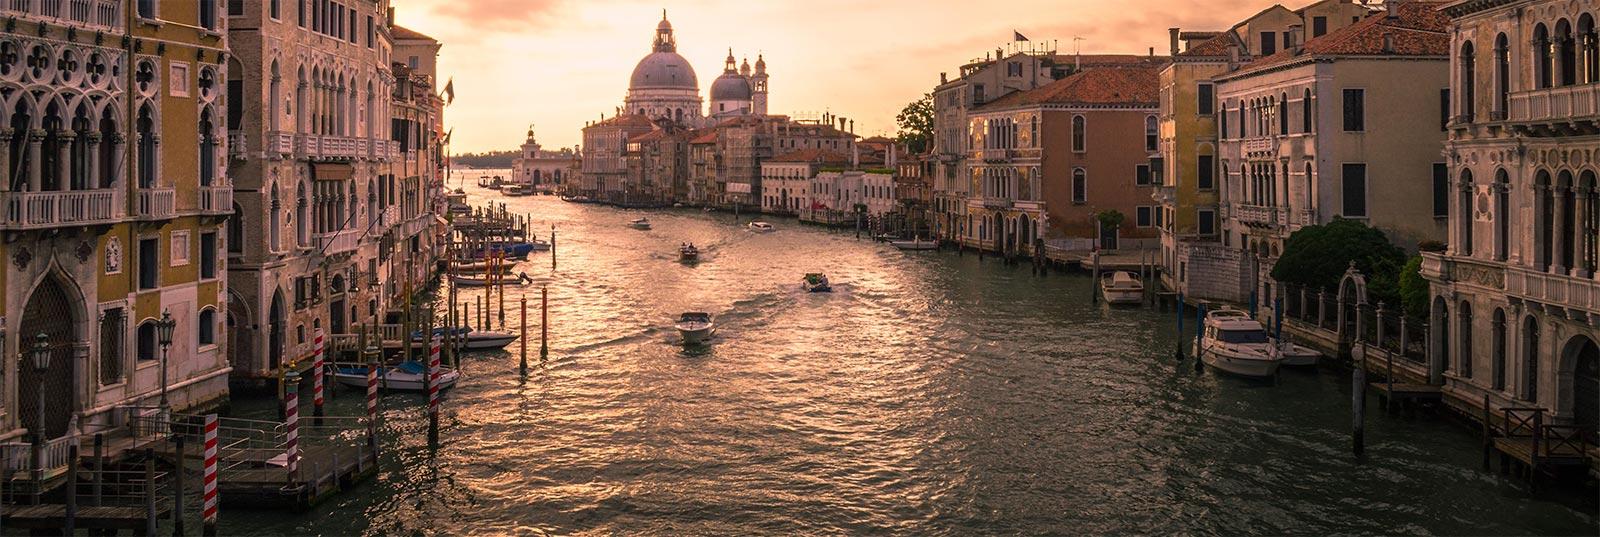 Guía turística de Venezia